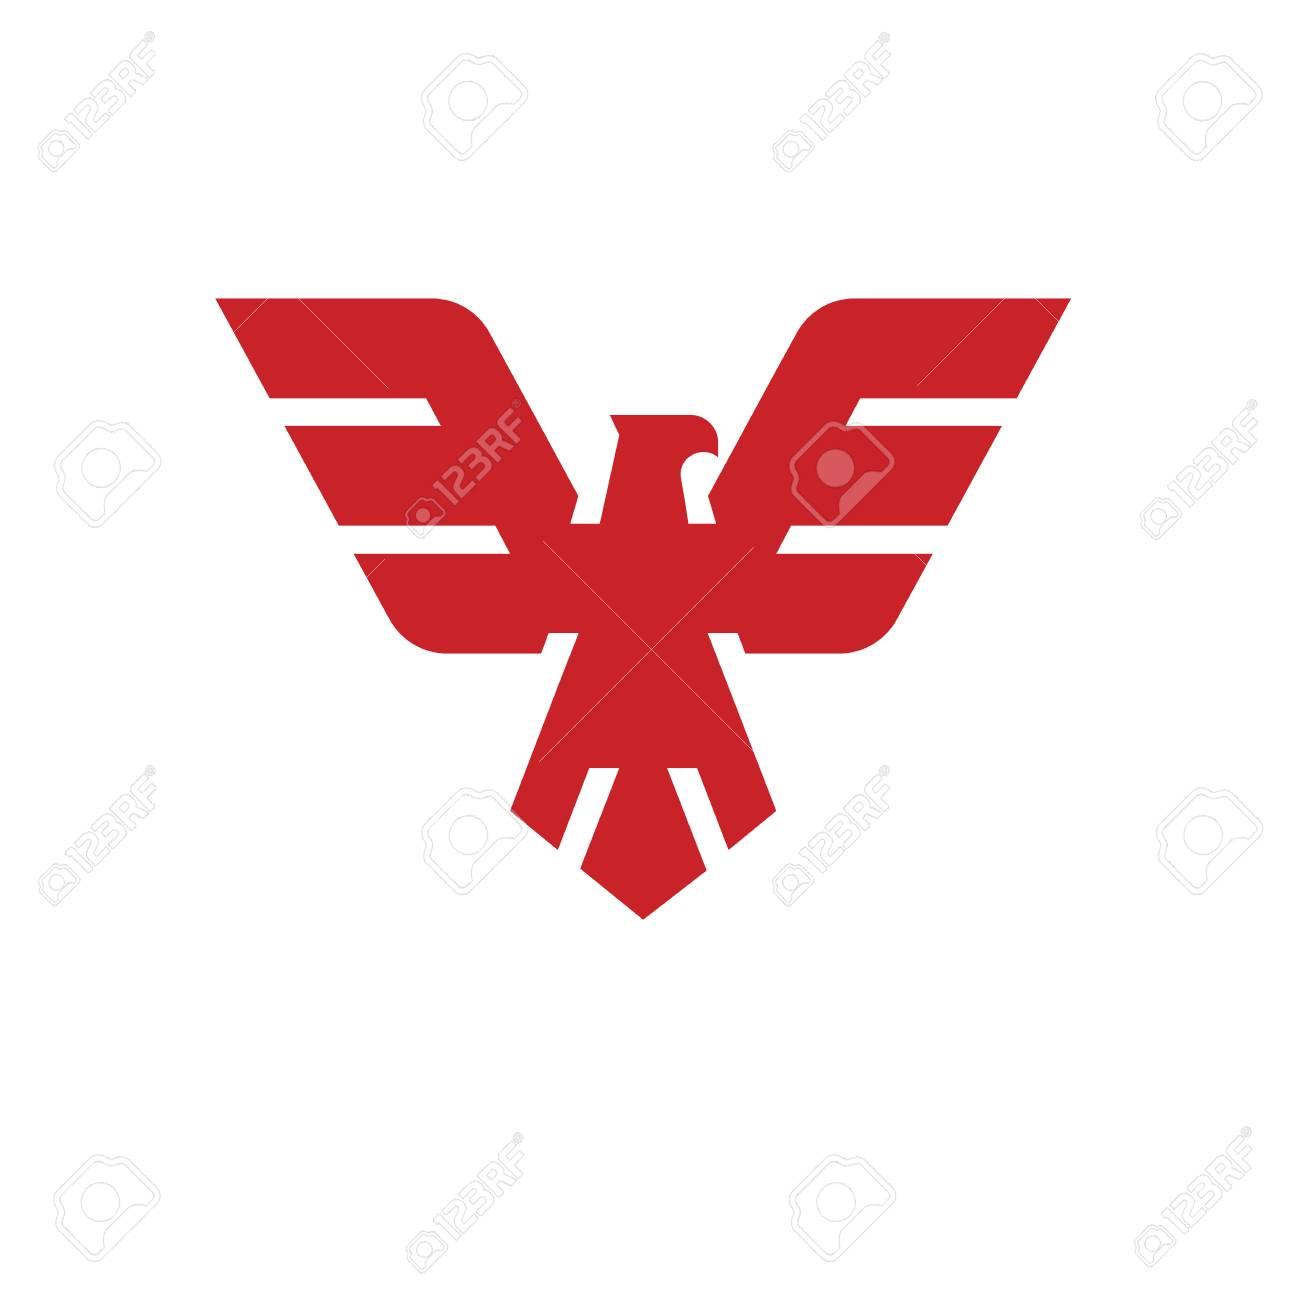 eagle head template hawk mascot graphic bald eagle eagle